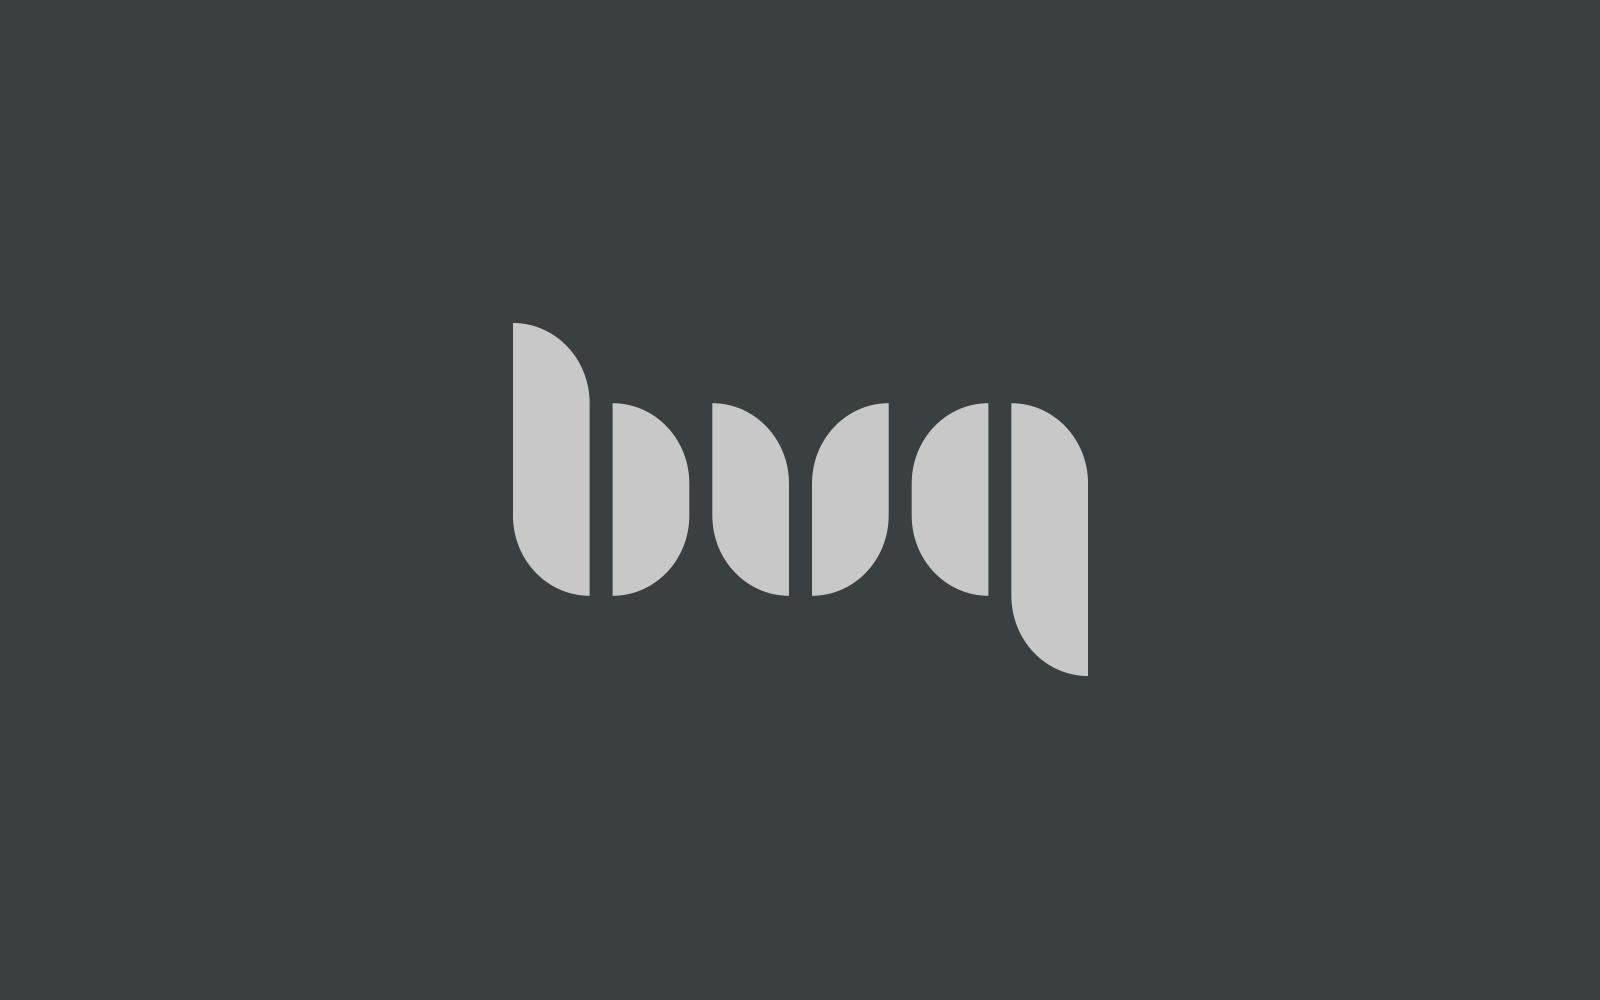 logo_1600p_bug